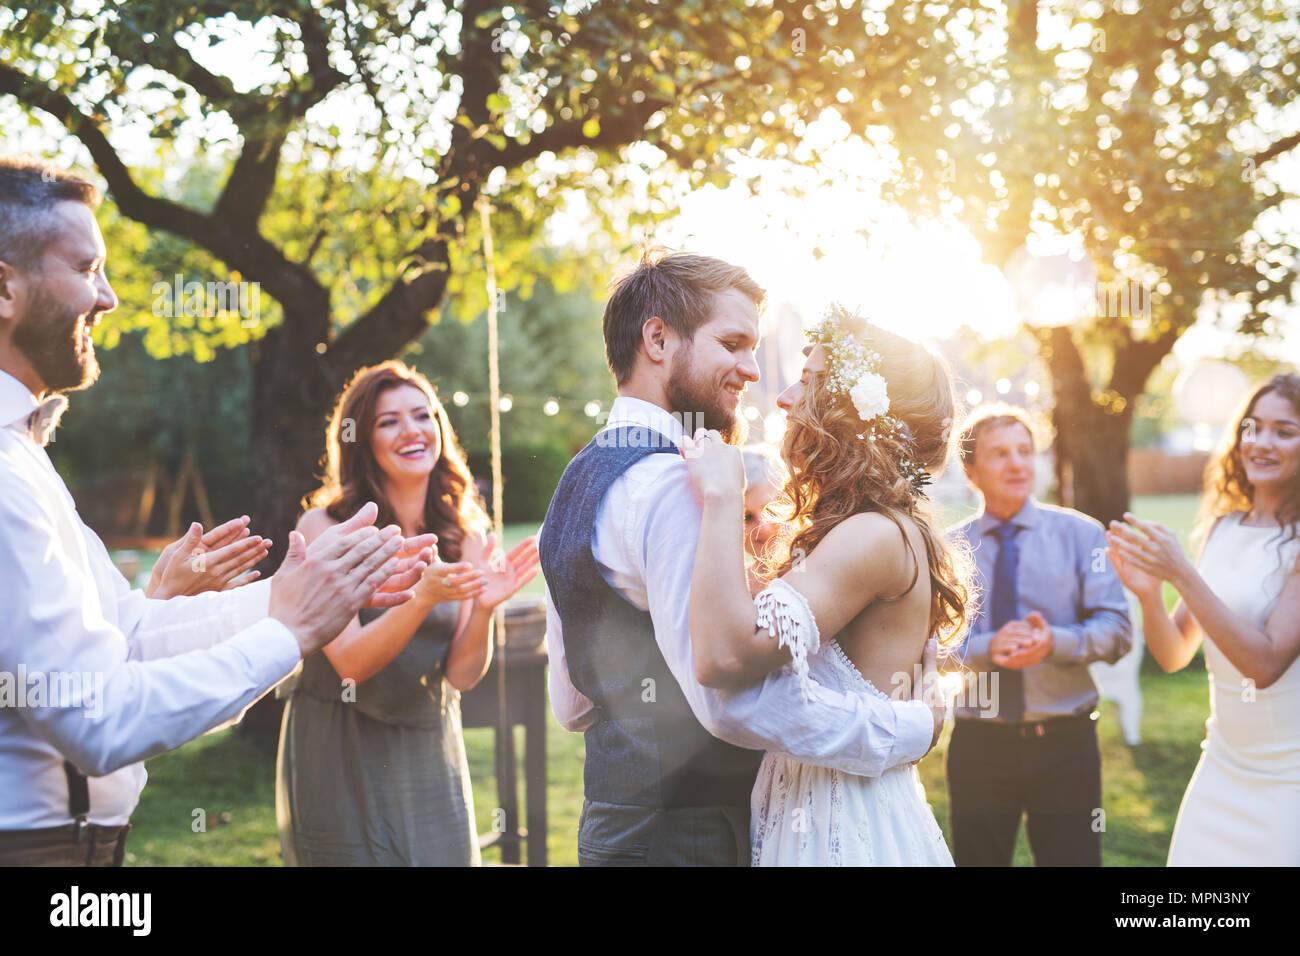 La novia y el novio bailando en la recepción de la boda fuera en el patio. Imagen De Stock